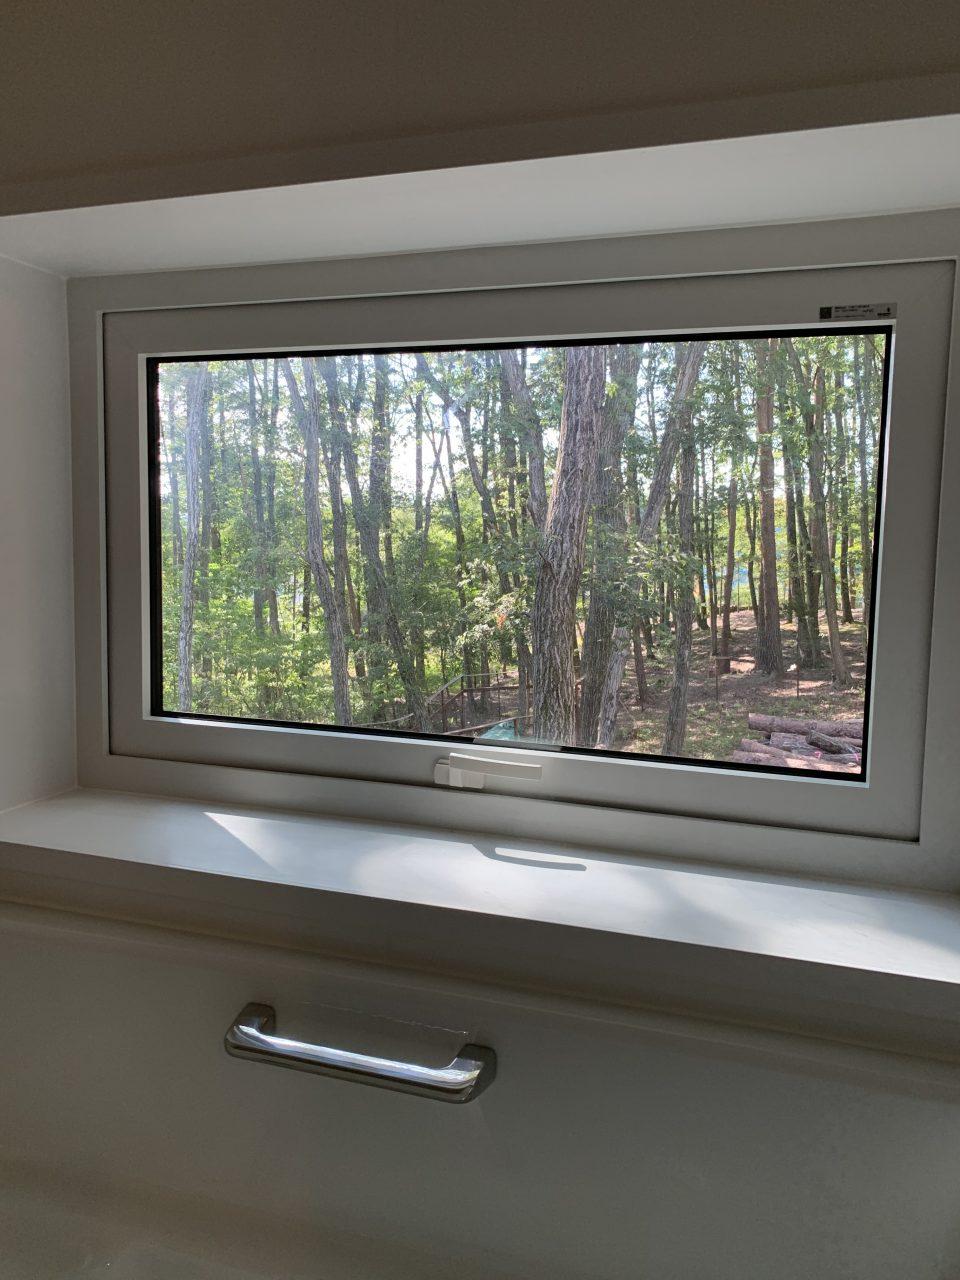 浴室の窓からは西の森やドッグランをのぞむことができる。